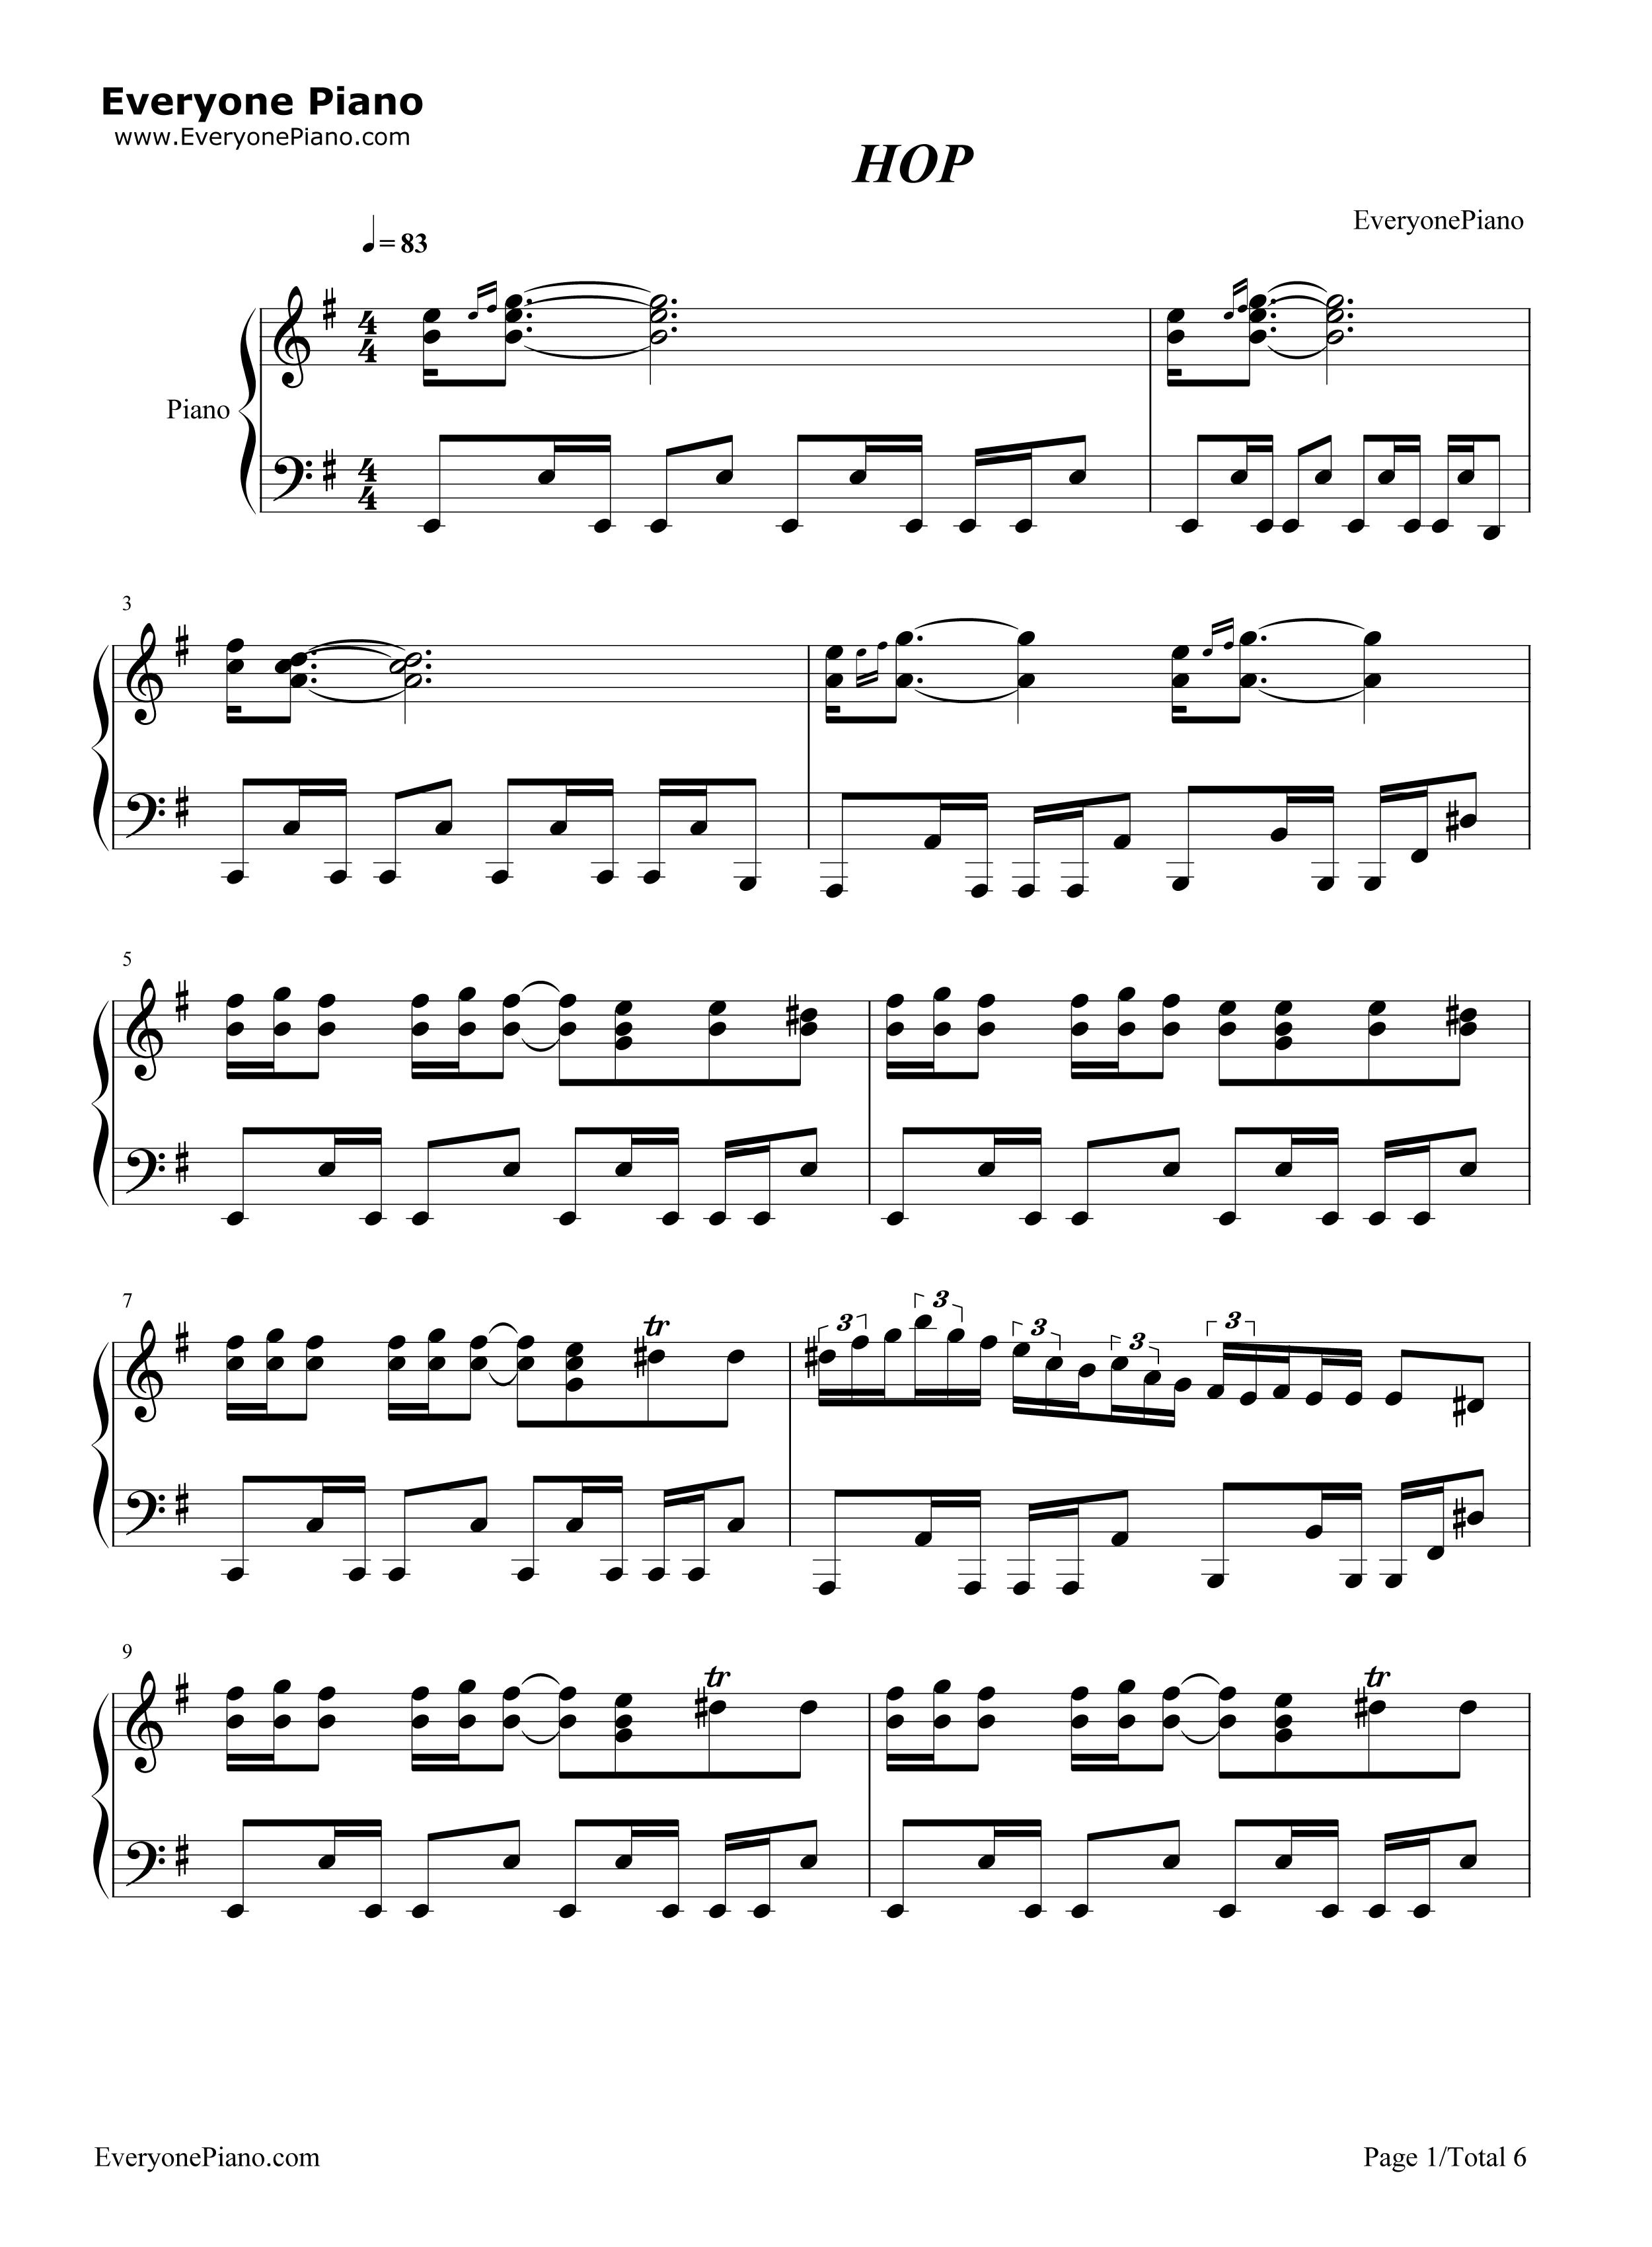 钢琴曲谱 流行 hop-azis hop-azis五线谱预览1  }  仅供学习交流使用!